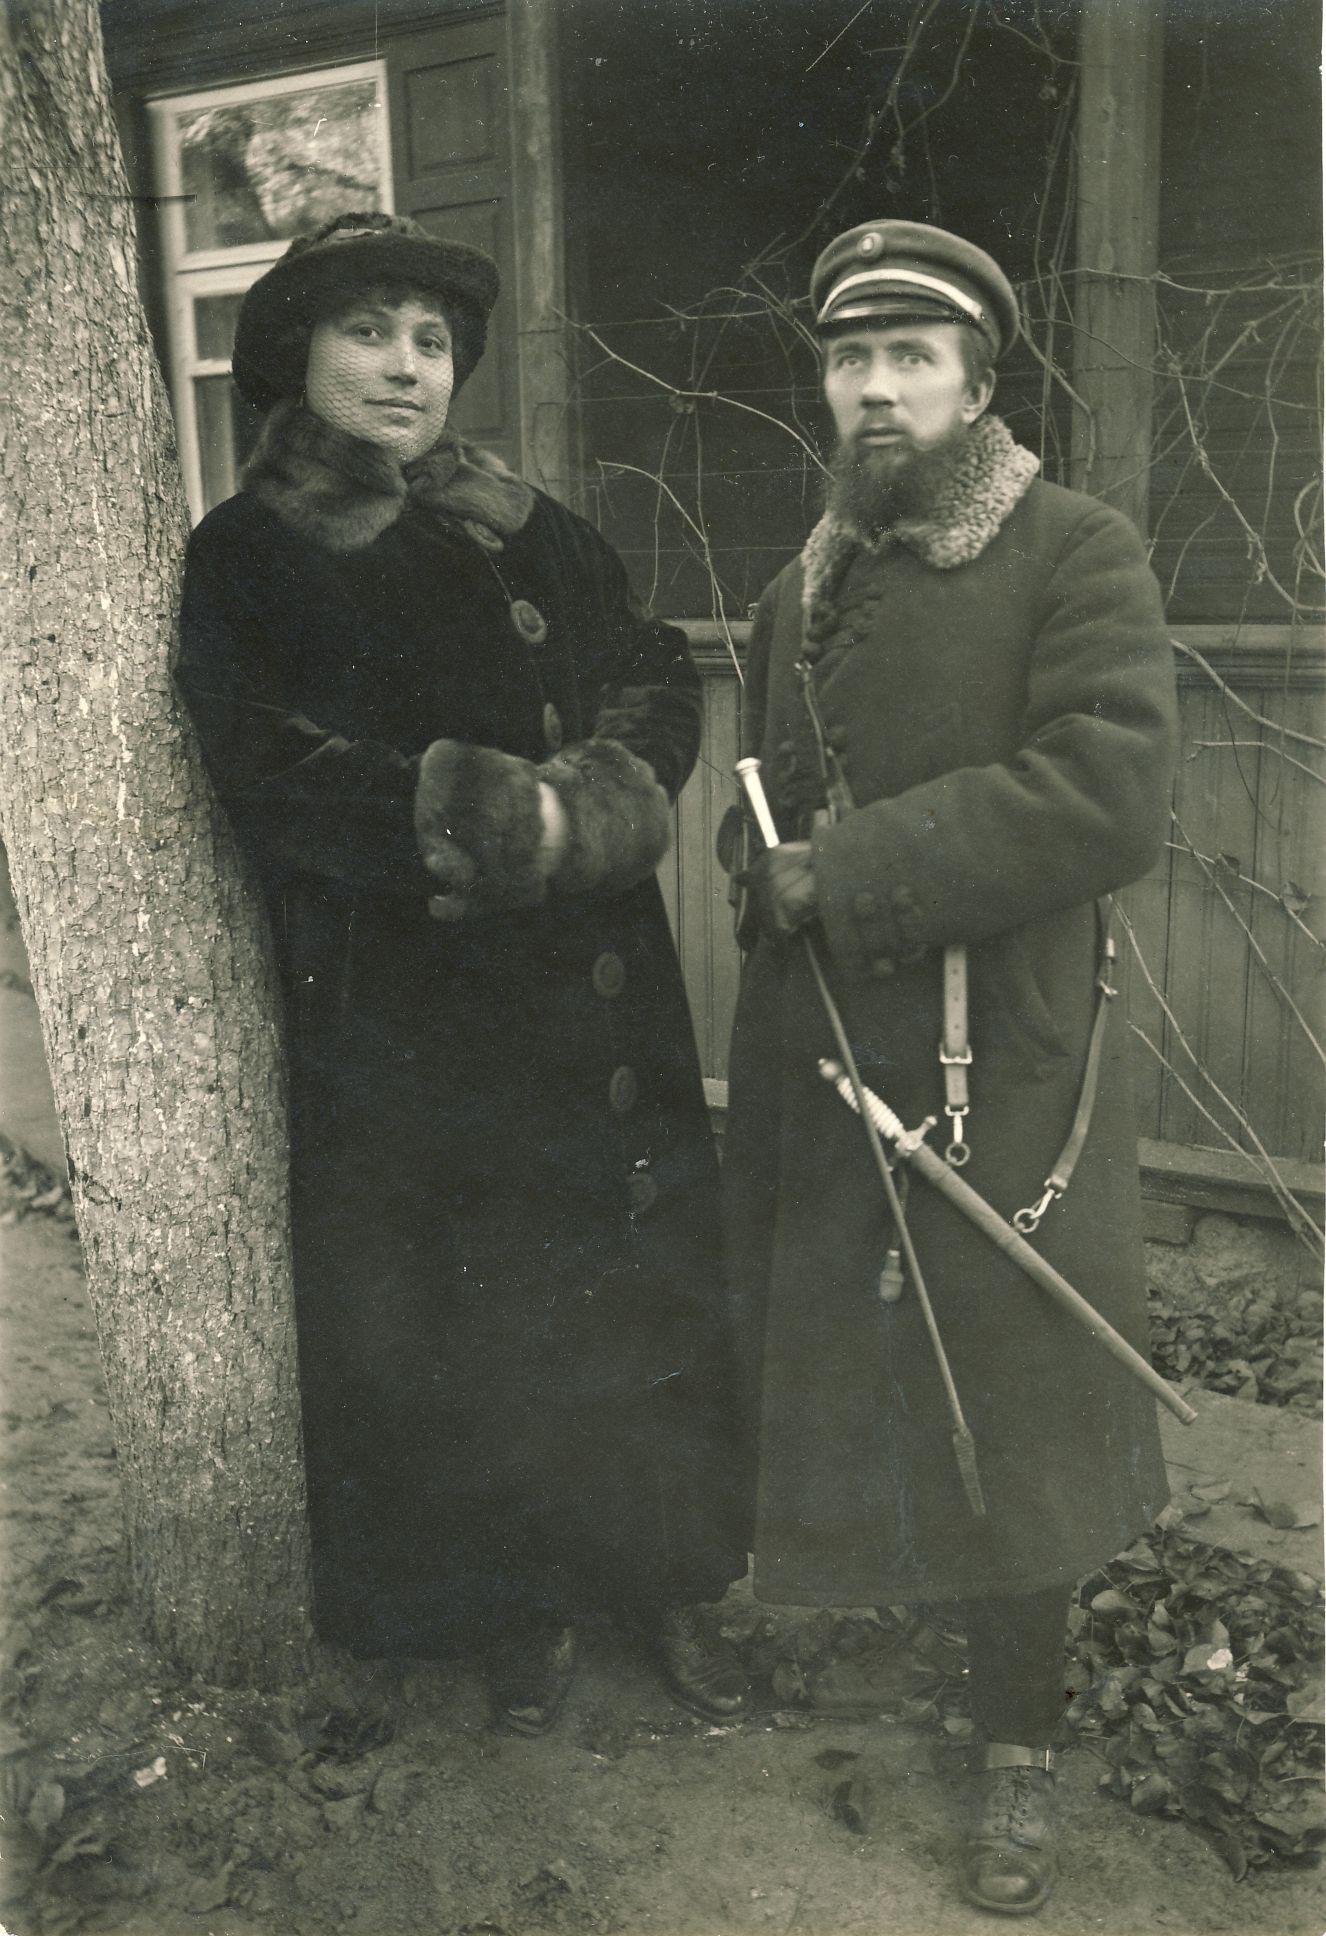 V. Sirijos Giros tėvai – Liudas Gira su žmona Brone. 1916 m.